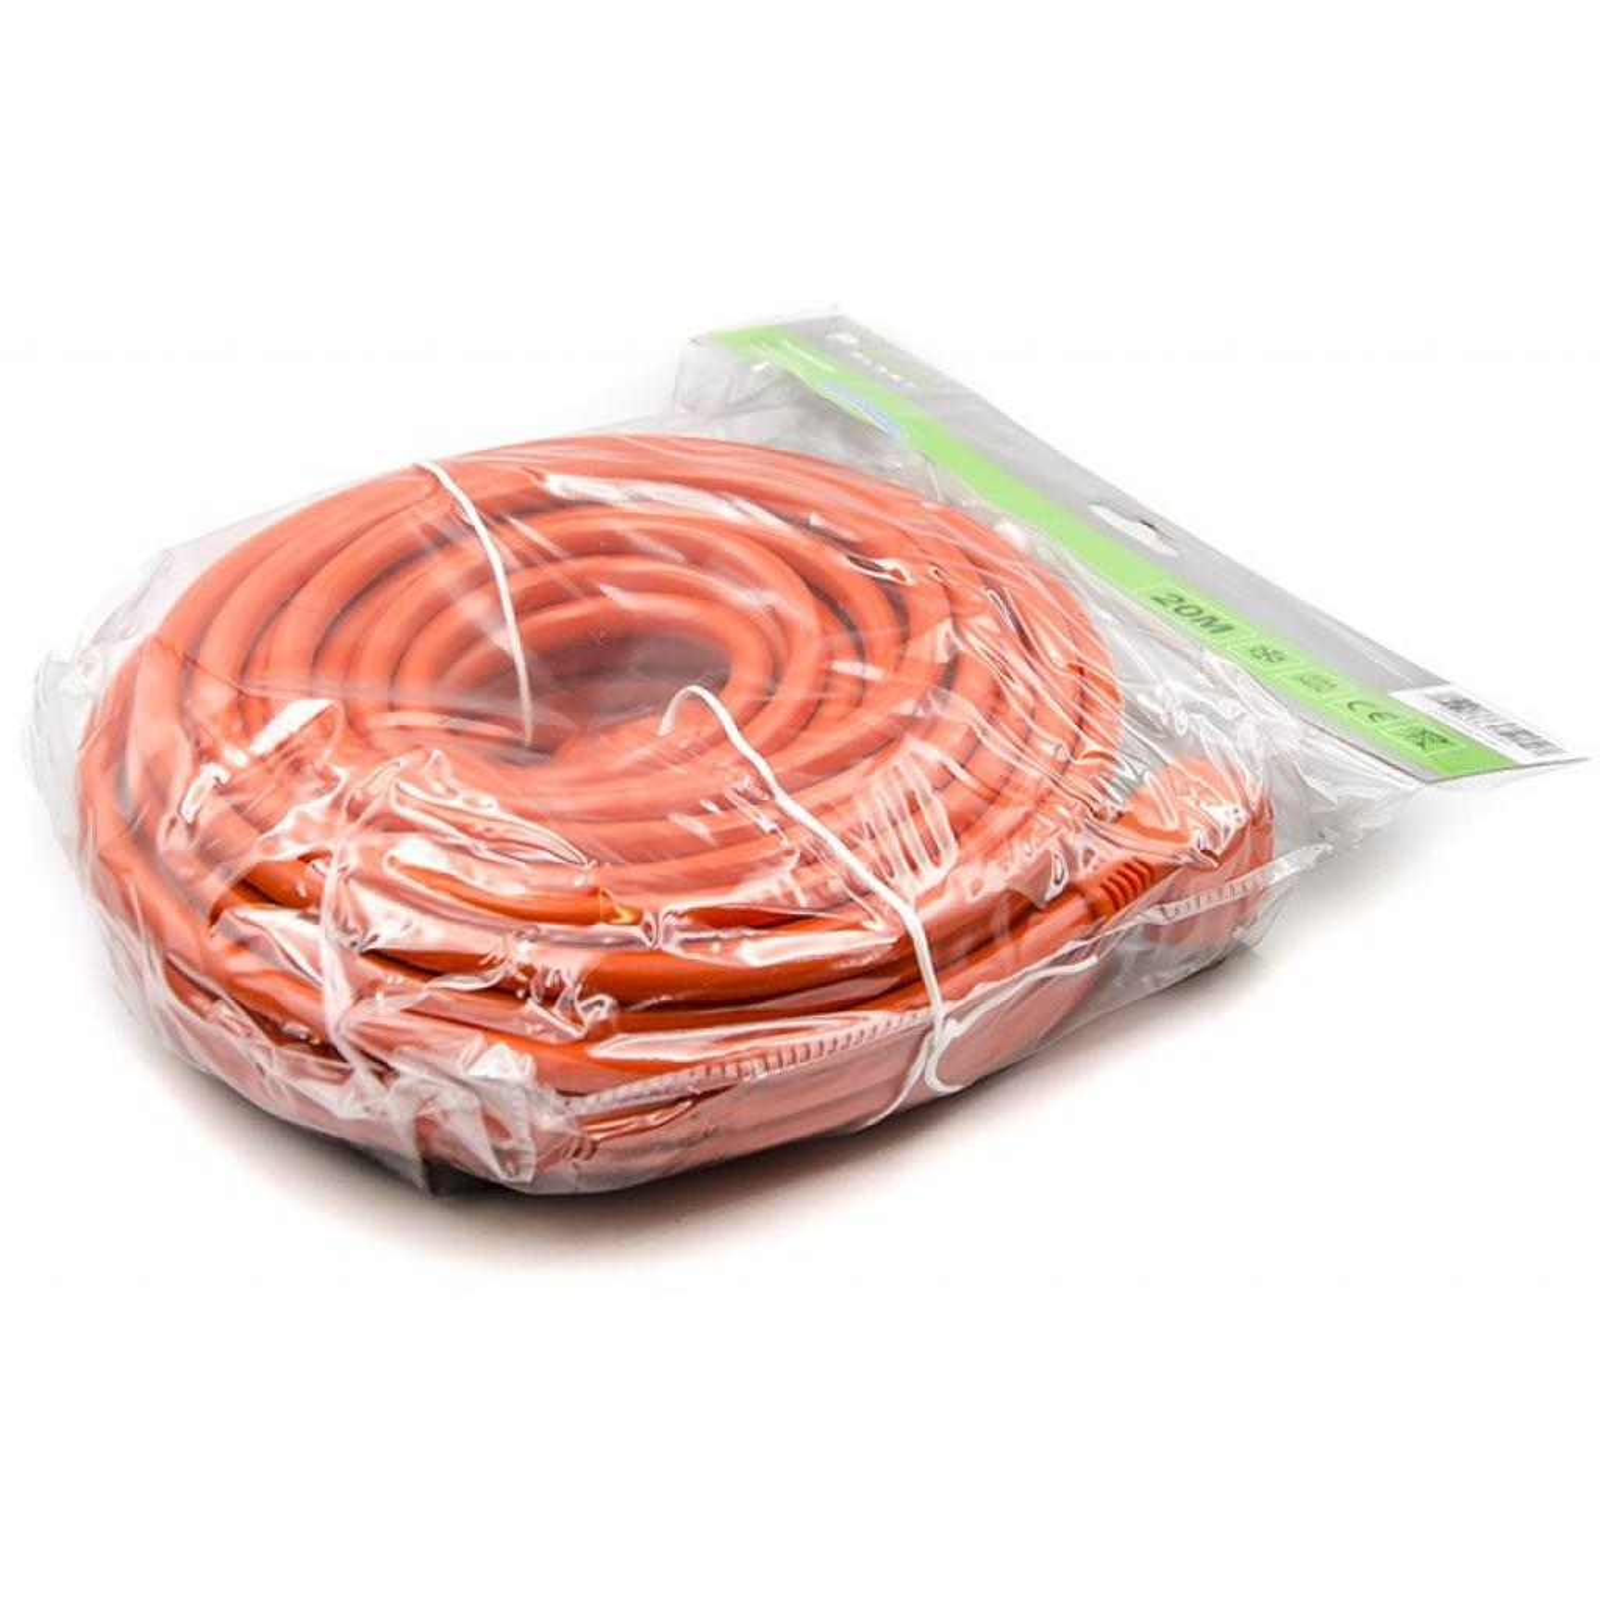 Сетевой удлинитель PowerPlant 20 м, 3x2.5мм2, 16А, морозостойкий (JY-3024/20) (PPCA16M20S1L) изображение 3